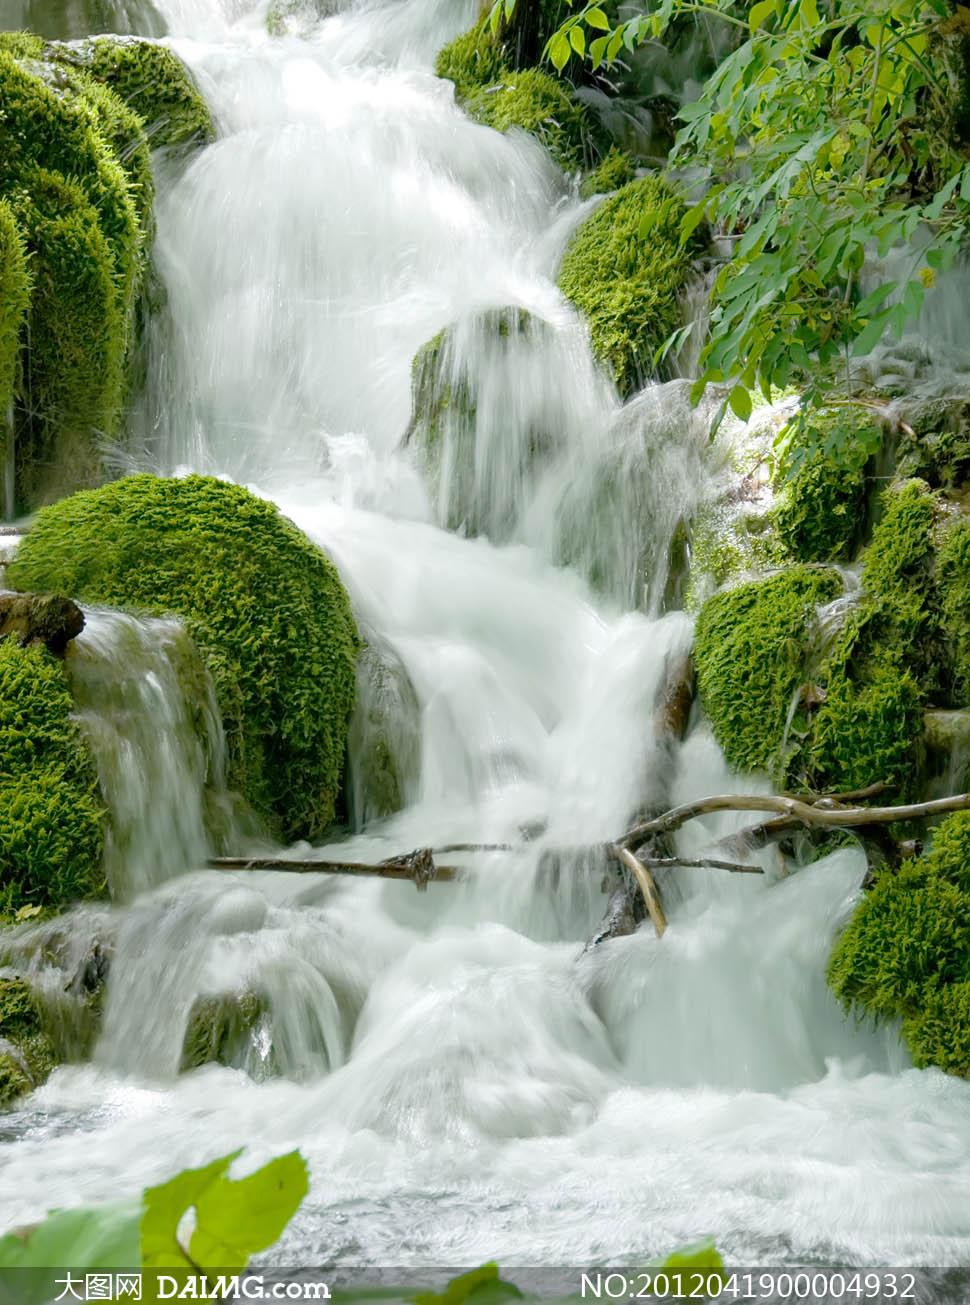 绿色风景和美丽瀑布摄影图片